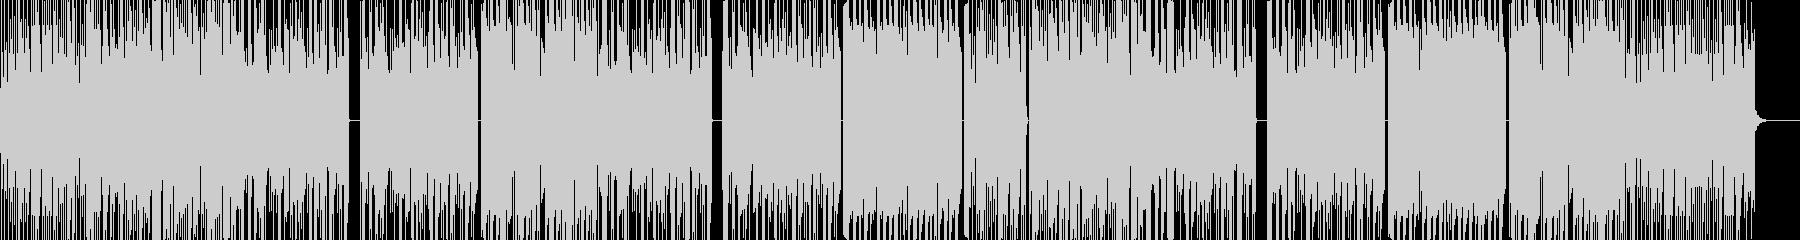 不思議な雰囲気のLofi Beatsの未再生の波形